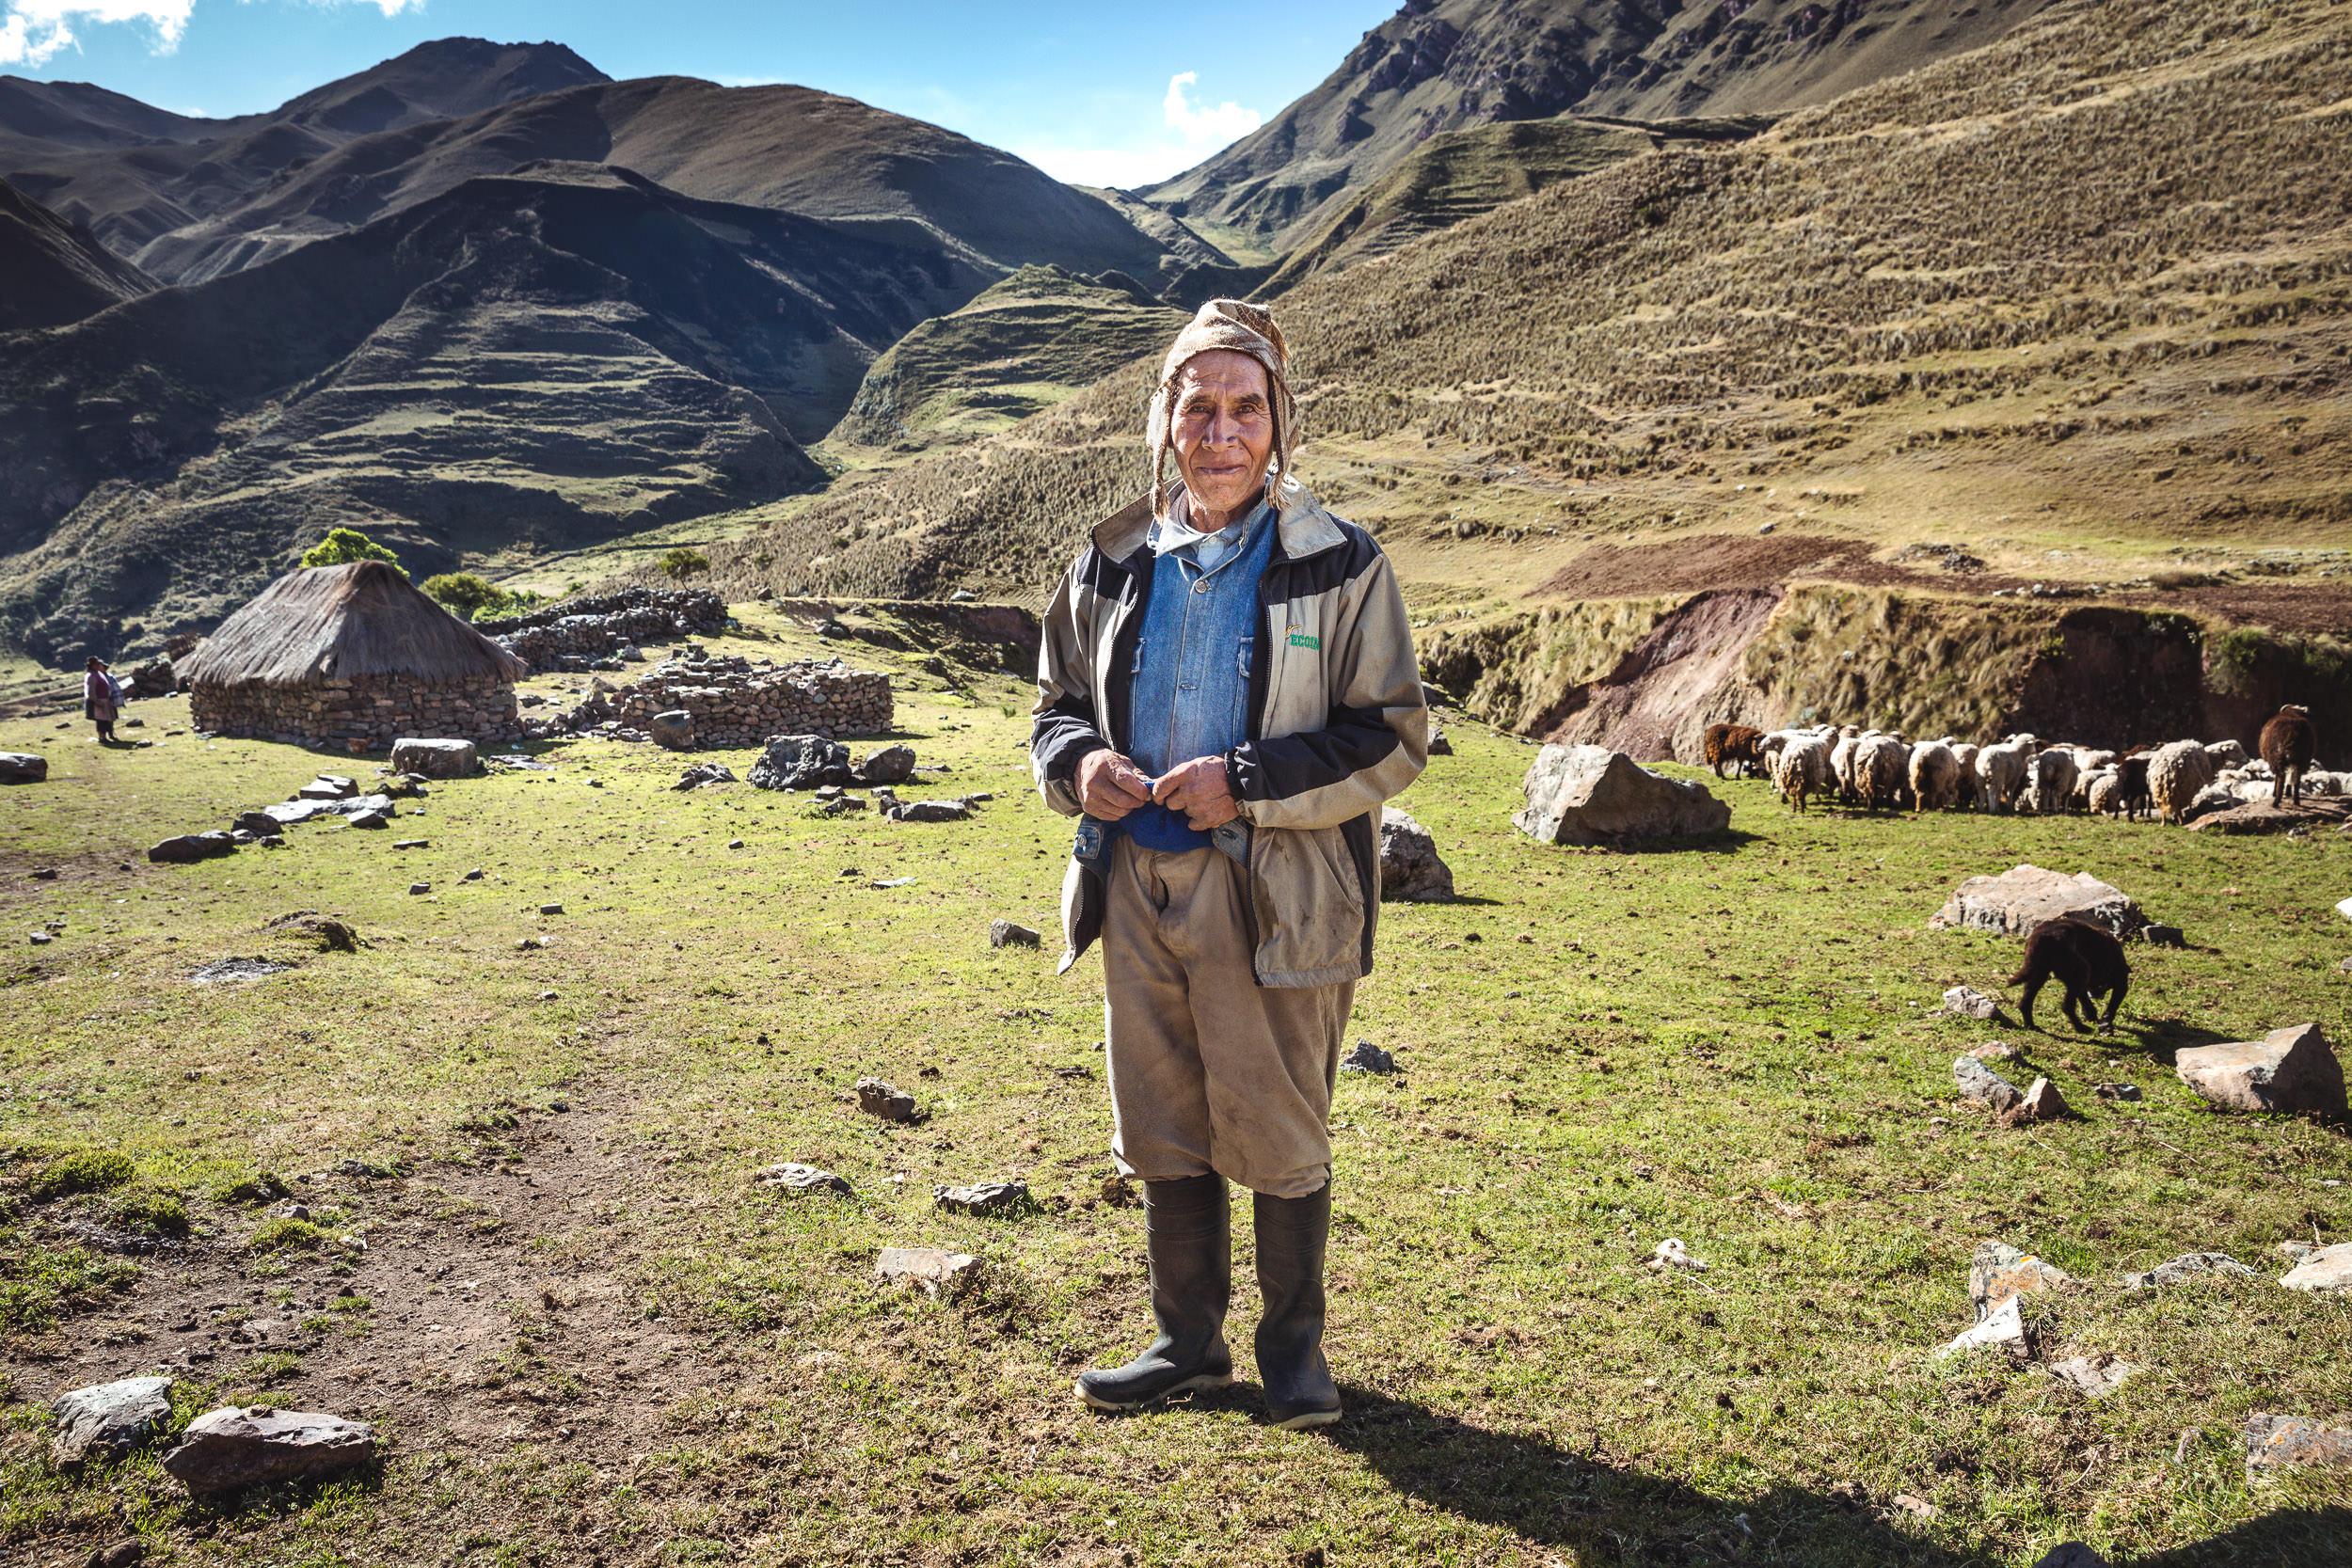 A Shepherd we met on our trek to Machu Picchu